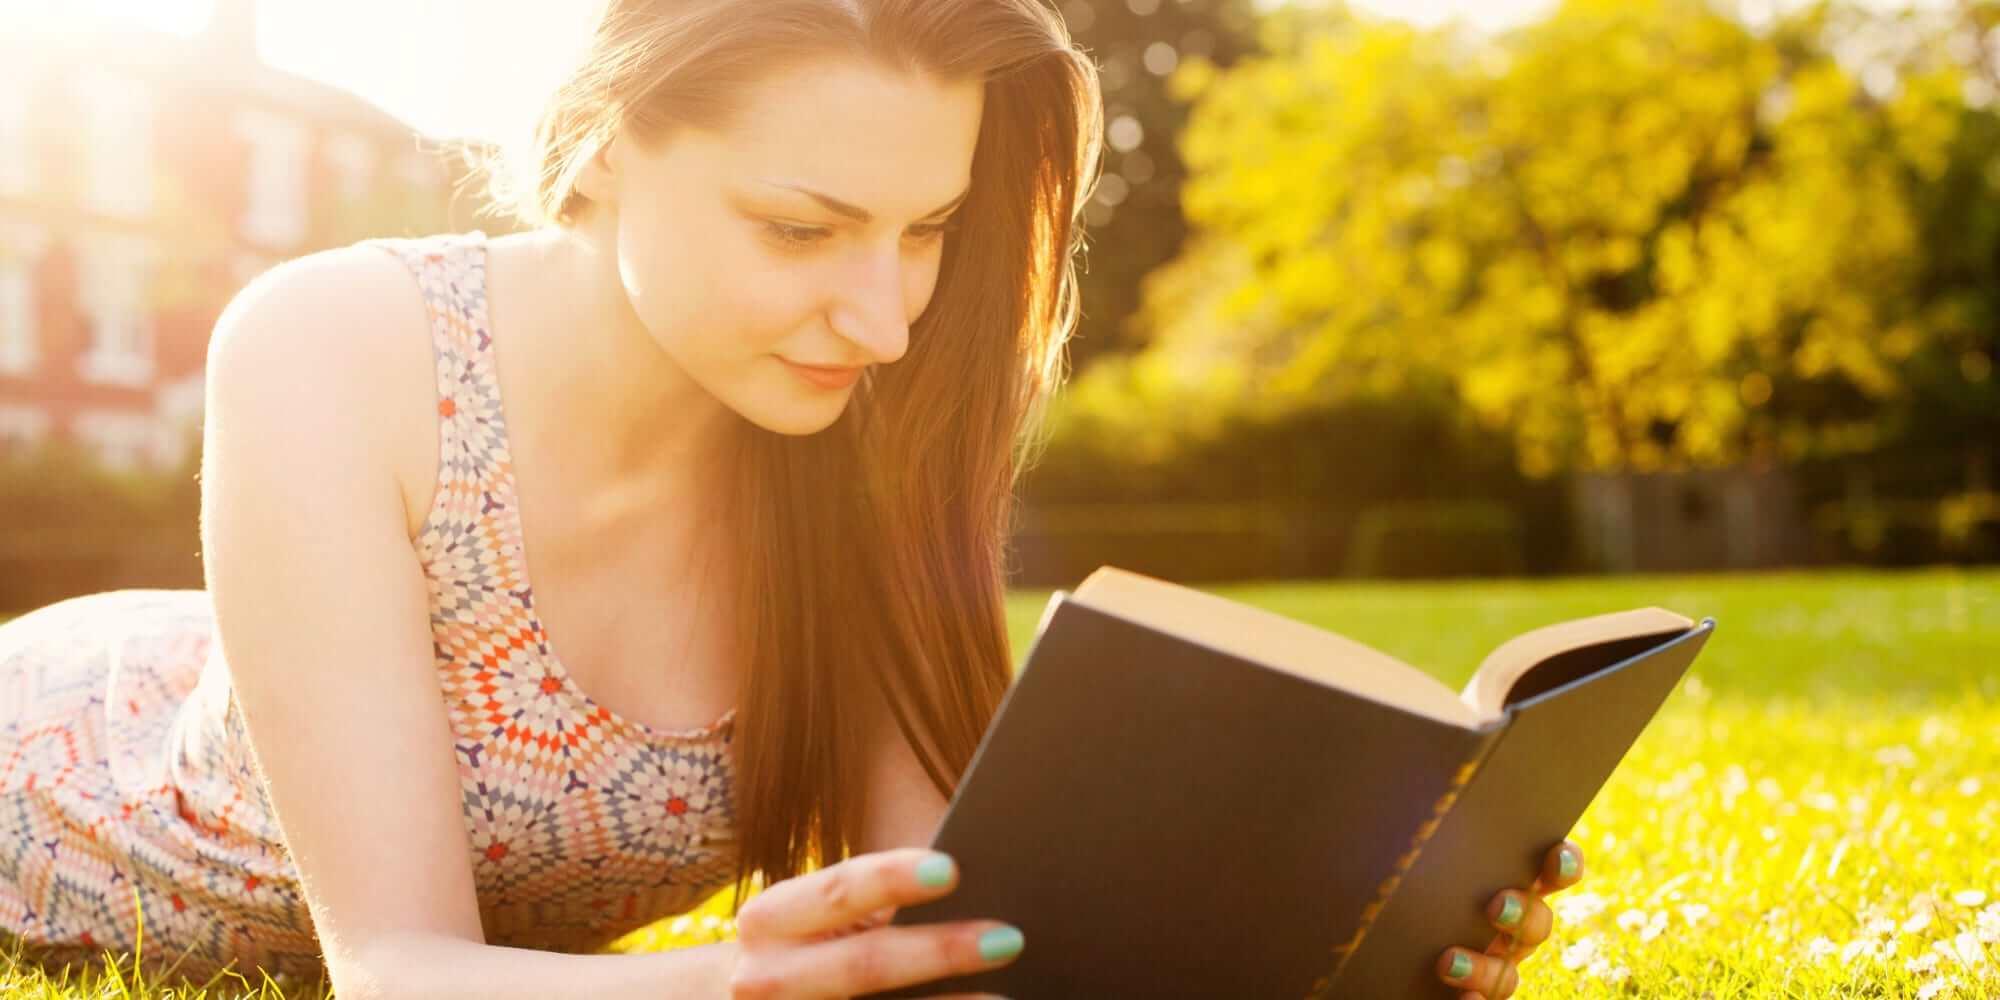 Daha Fazla Kitap Okumak İsteyenler İçin Harikulade Bir Yöntem